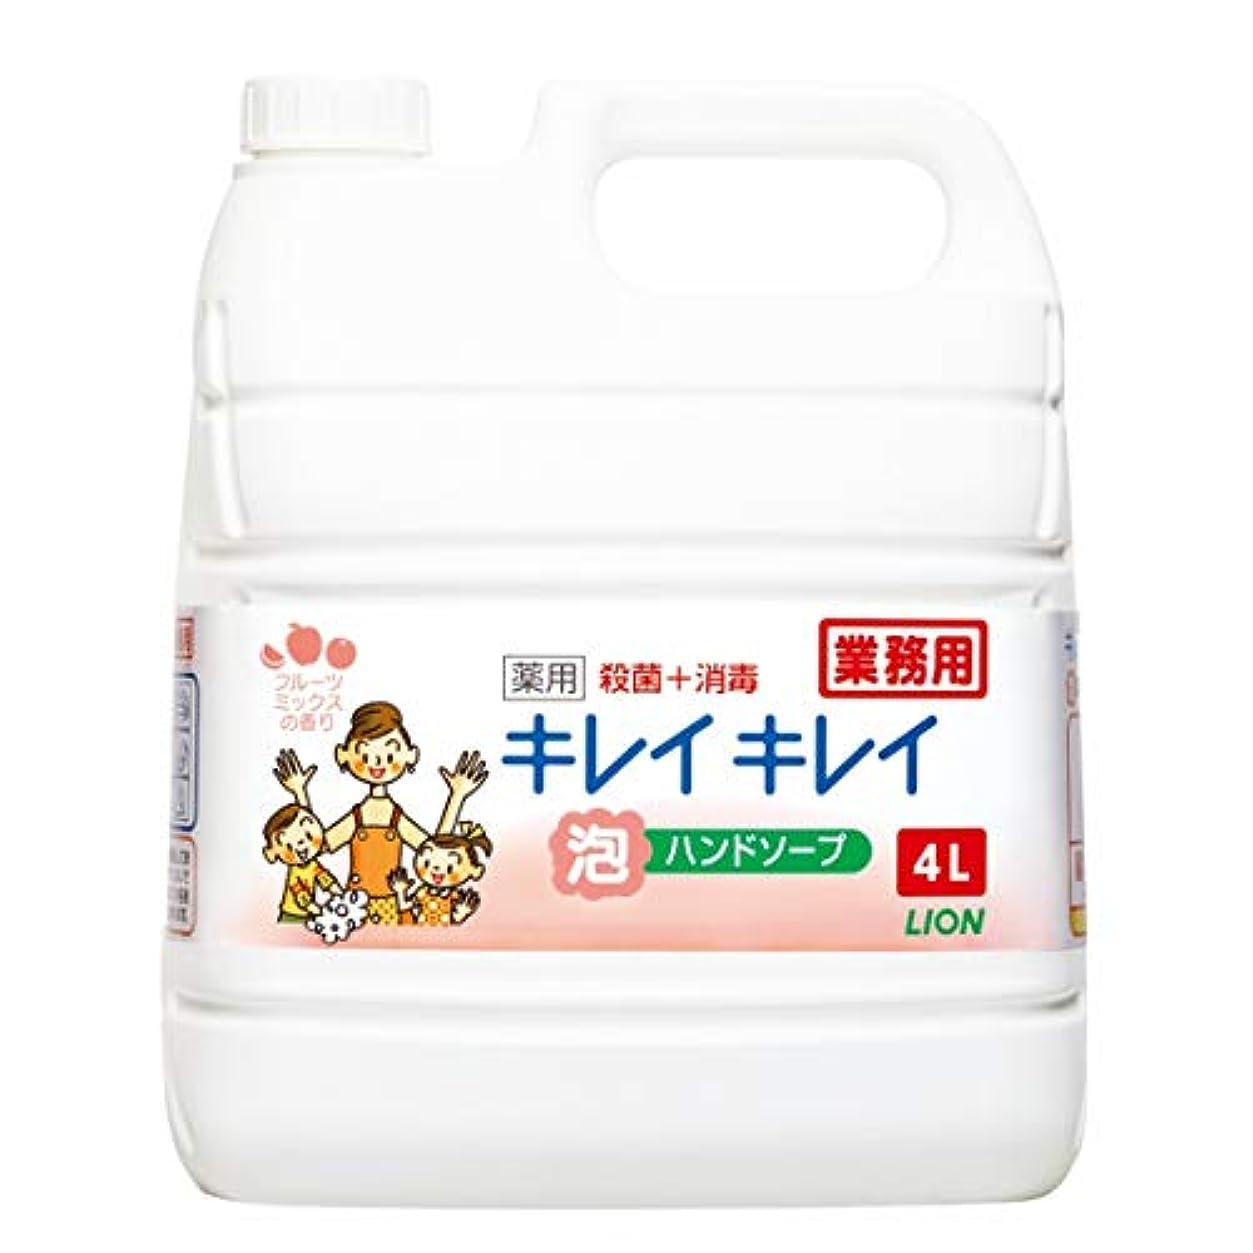 【業務用 大容量】キレイキレイ 薬用 泡ハンドソープフルーツミックスの香り 4L(医薬部外品)